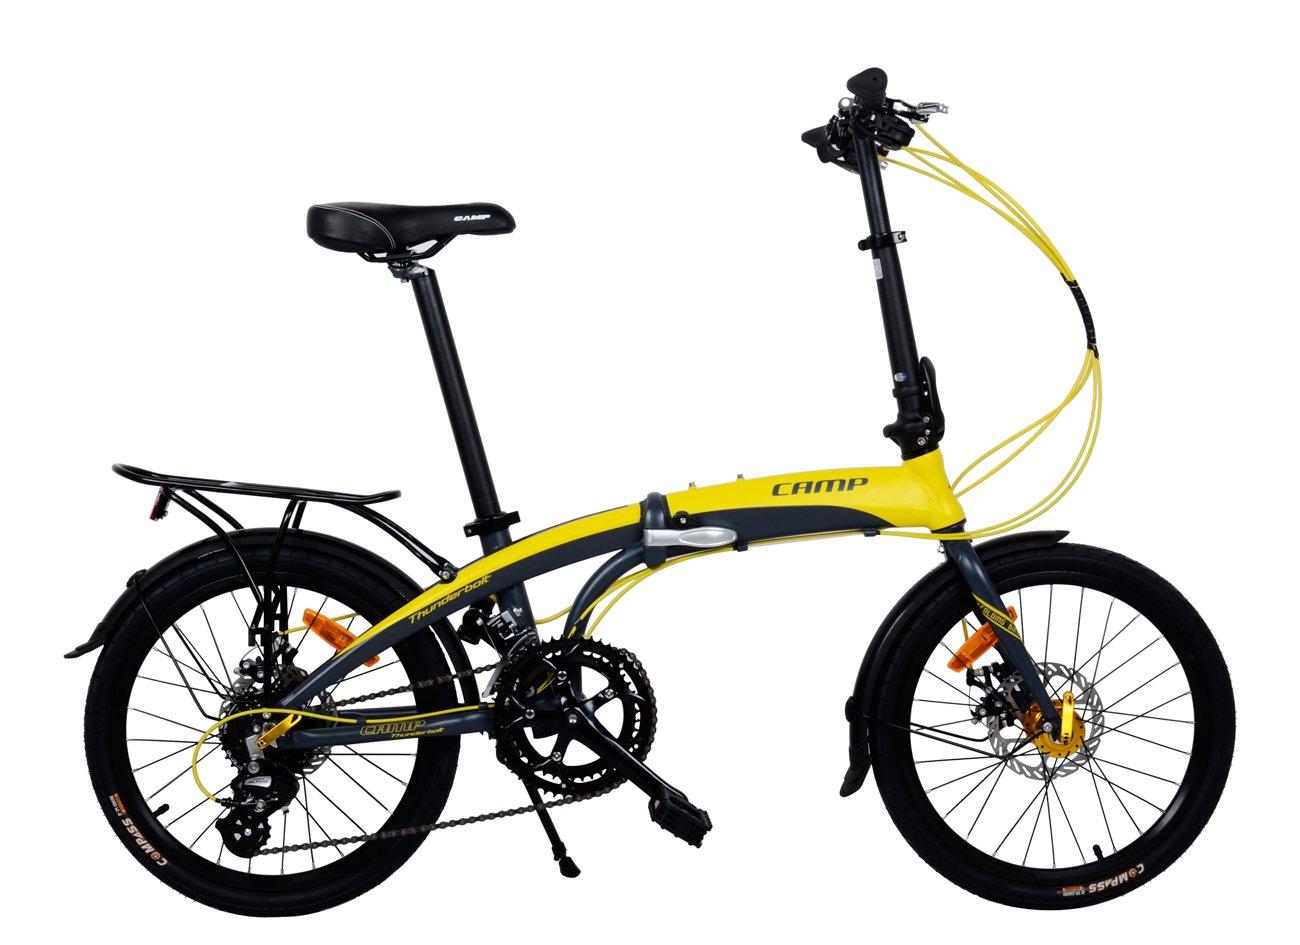 Camp 20'' Folding Bike Shimano 16 Speed, Thunderbolt